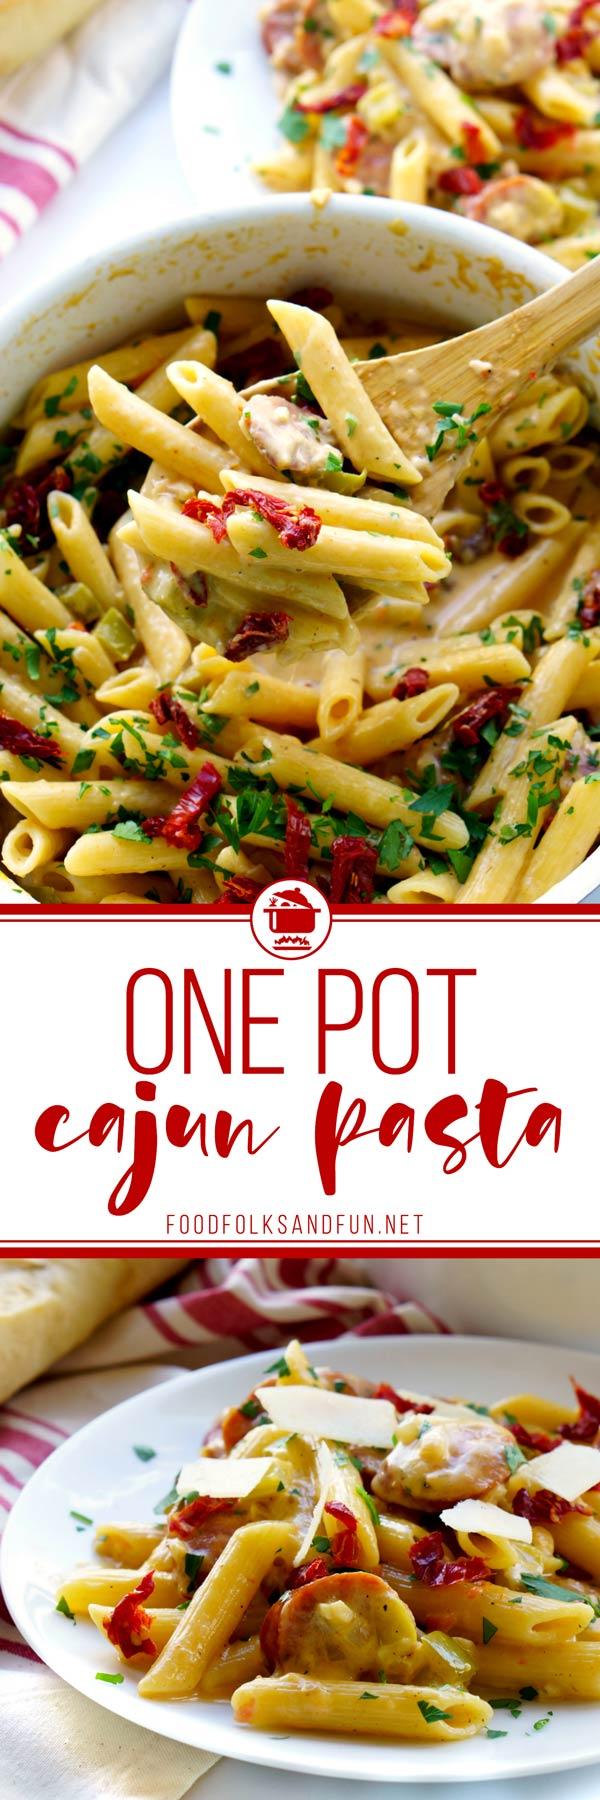 One Pot Cajun Pasta